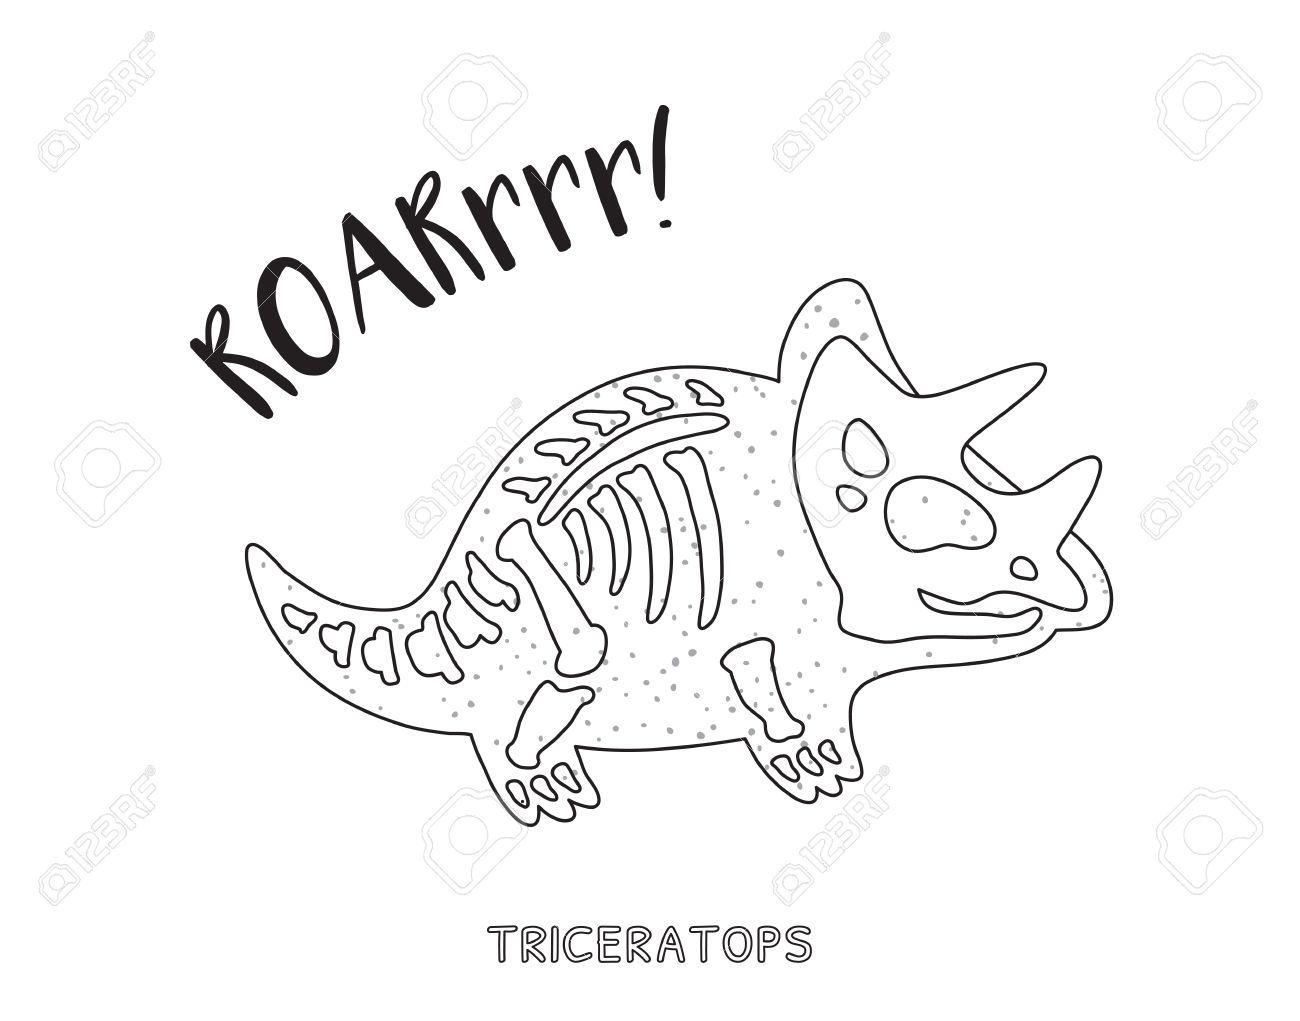 Triceratops Del Dibujo De Esquema Esqueleto. Fósil De Un Esqueleto ...